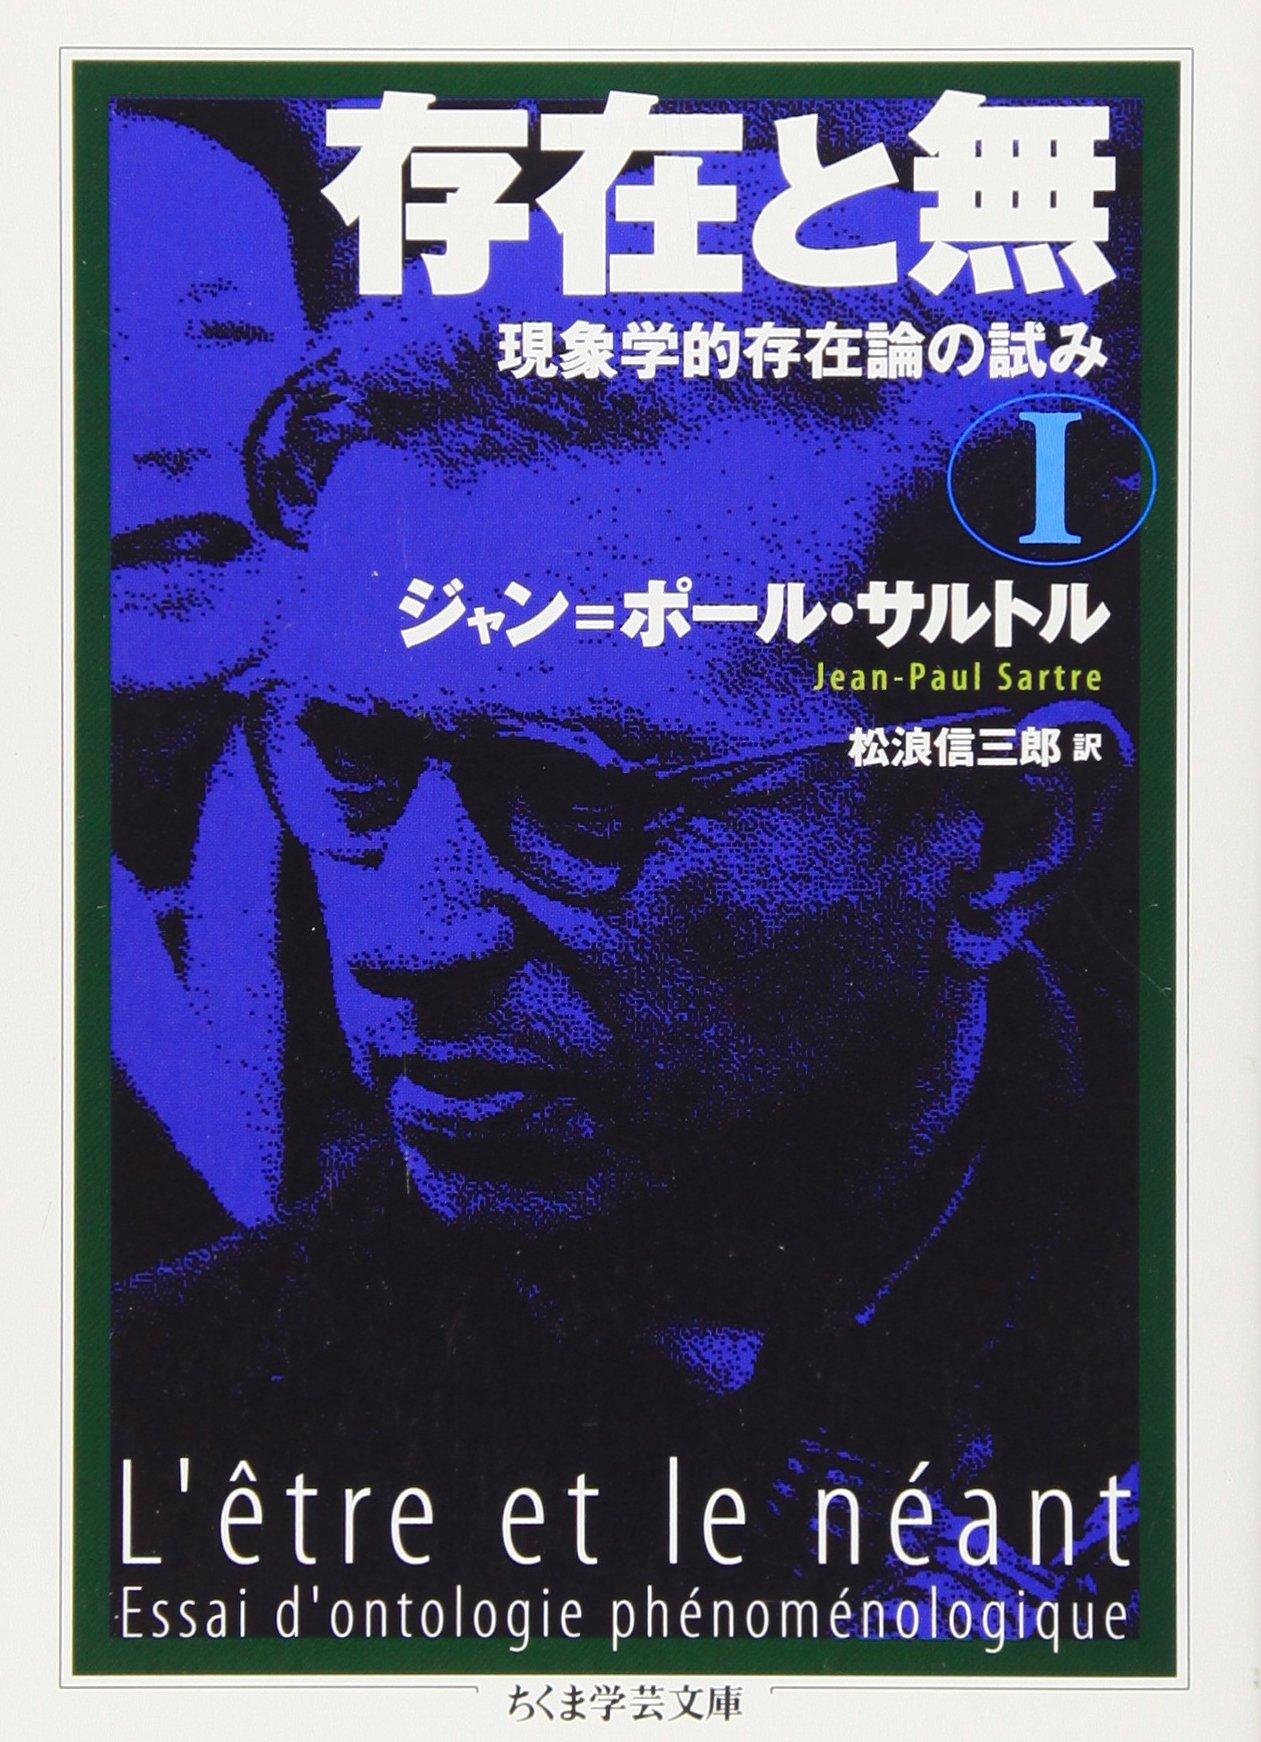 ジャン=ポール・サルトルのおすすめ本3選!真に自由に生きるための哲学